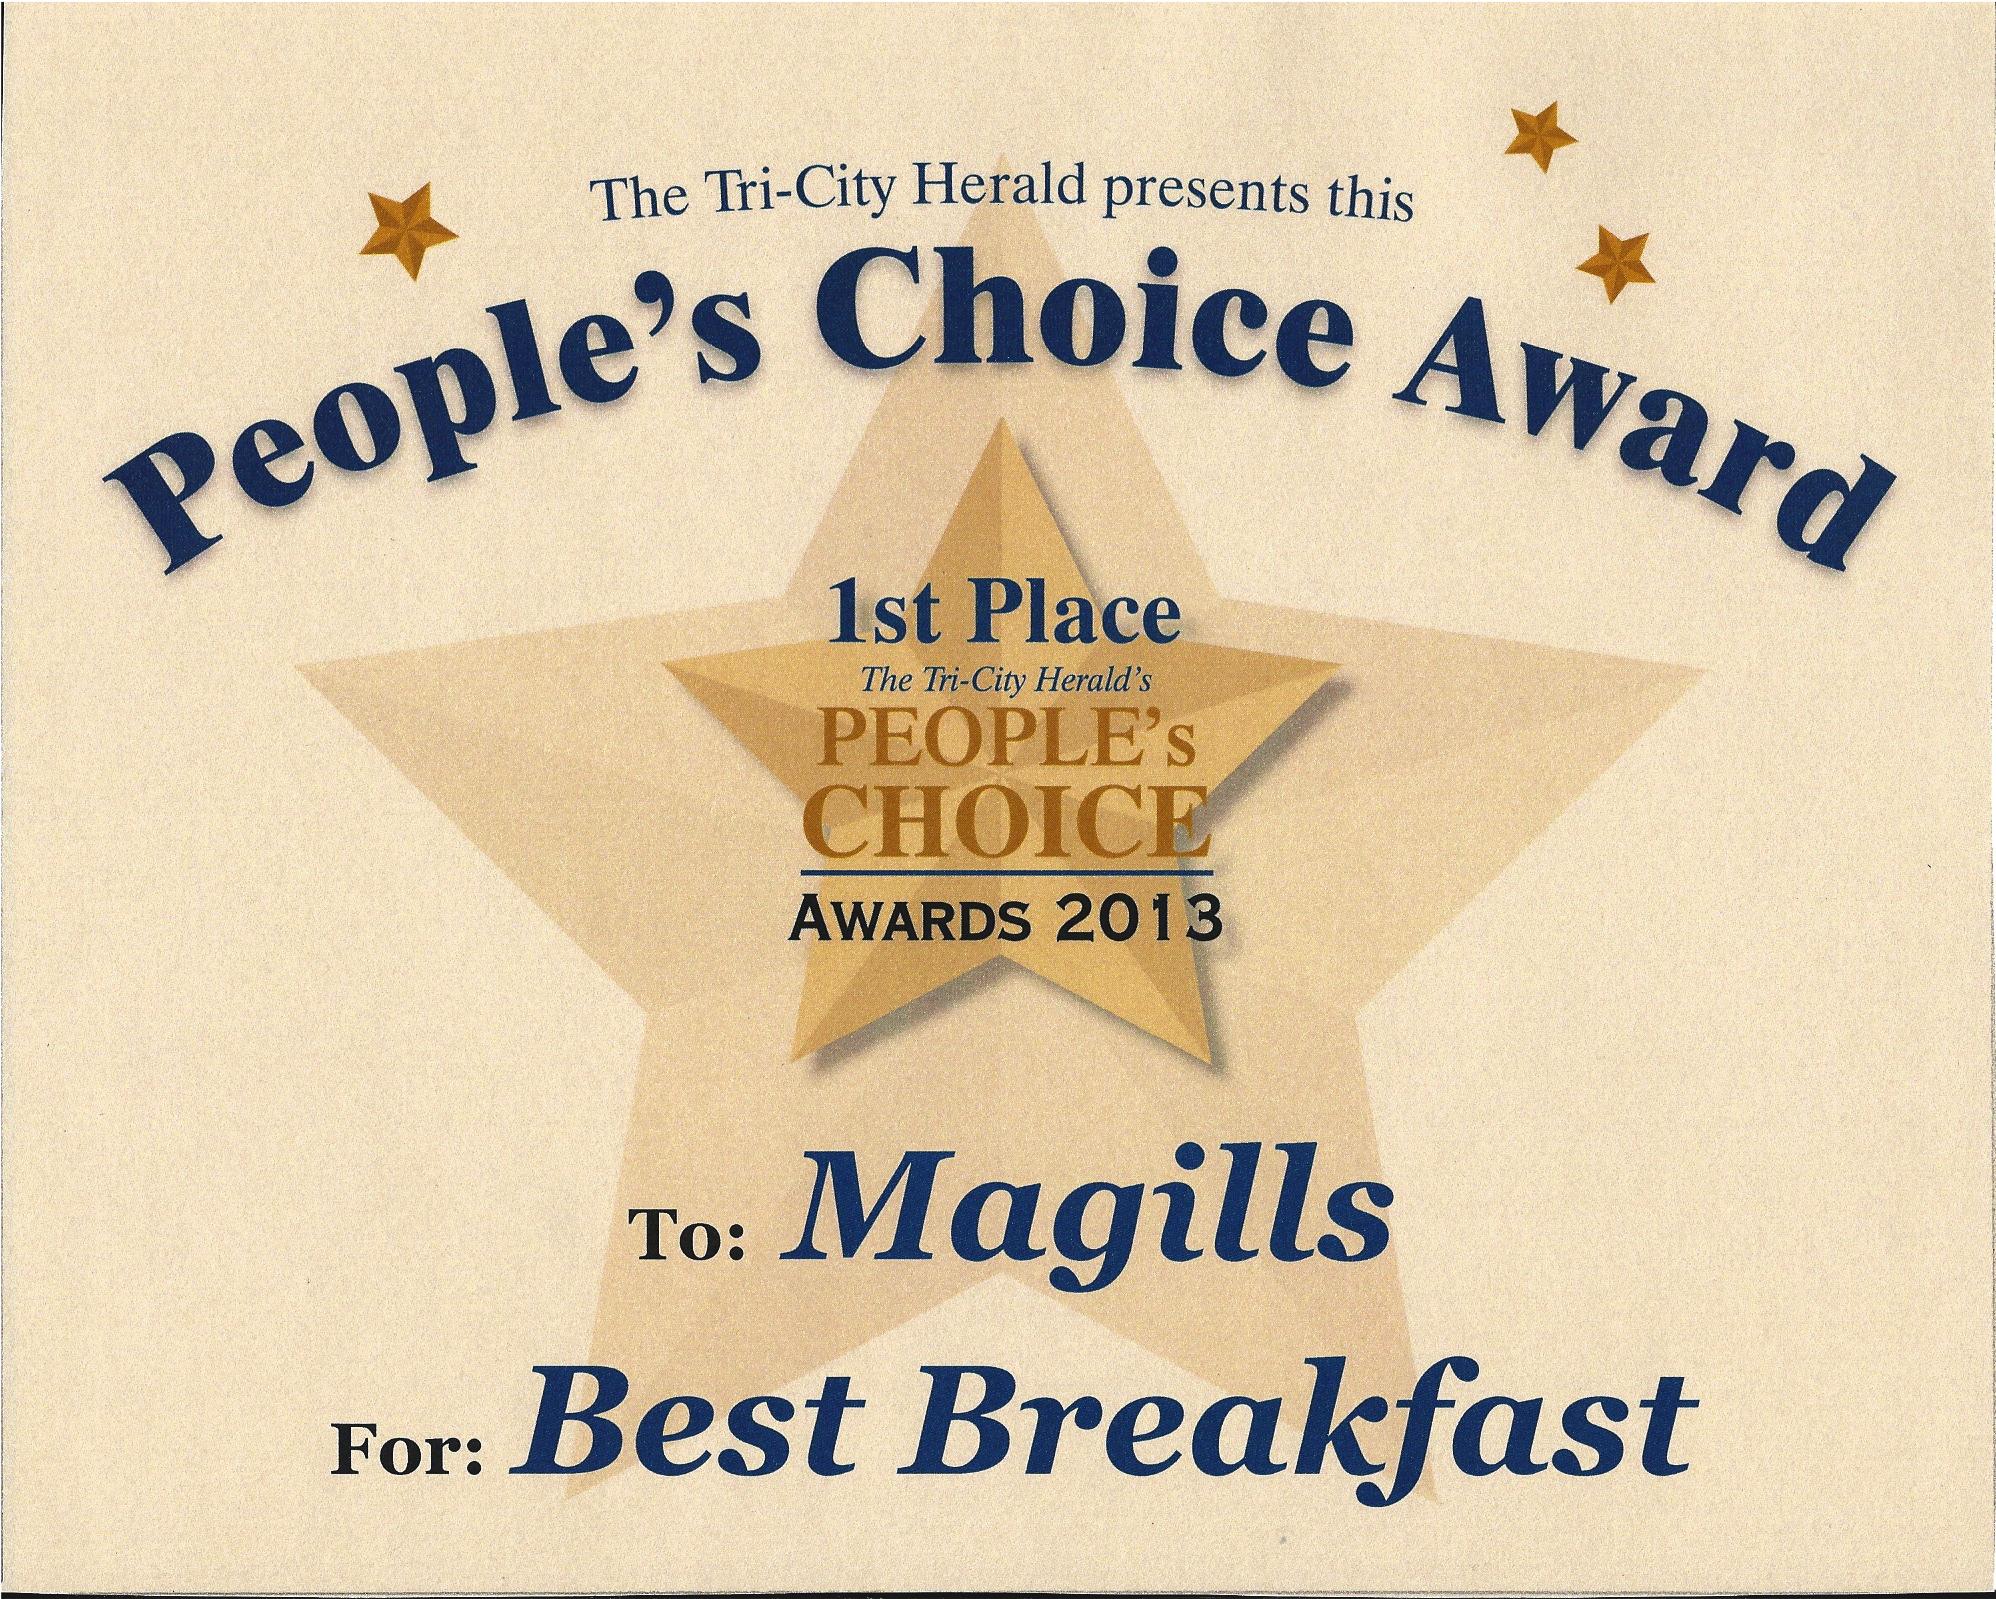 Magills Restaurant & Catering